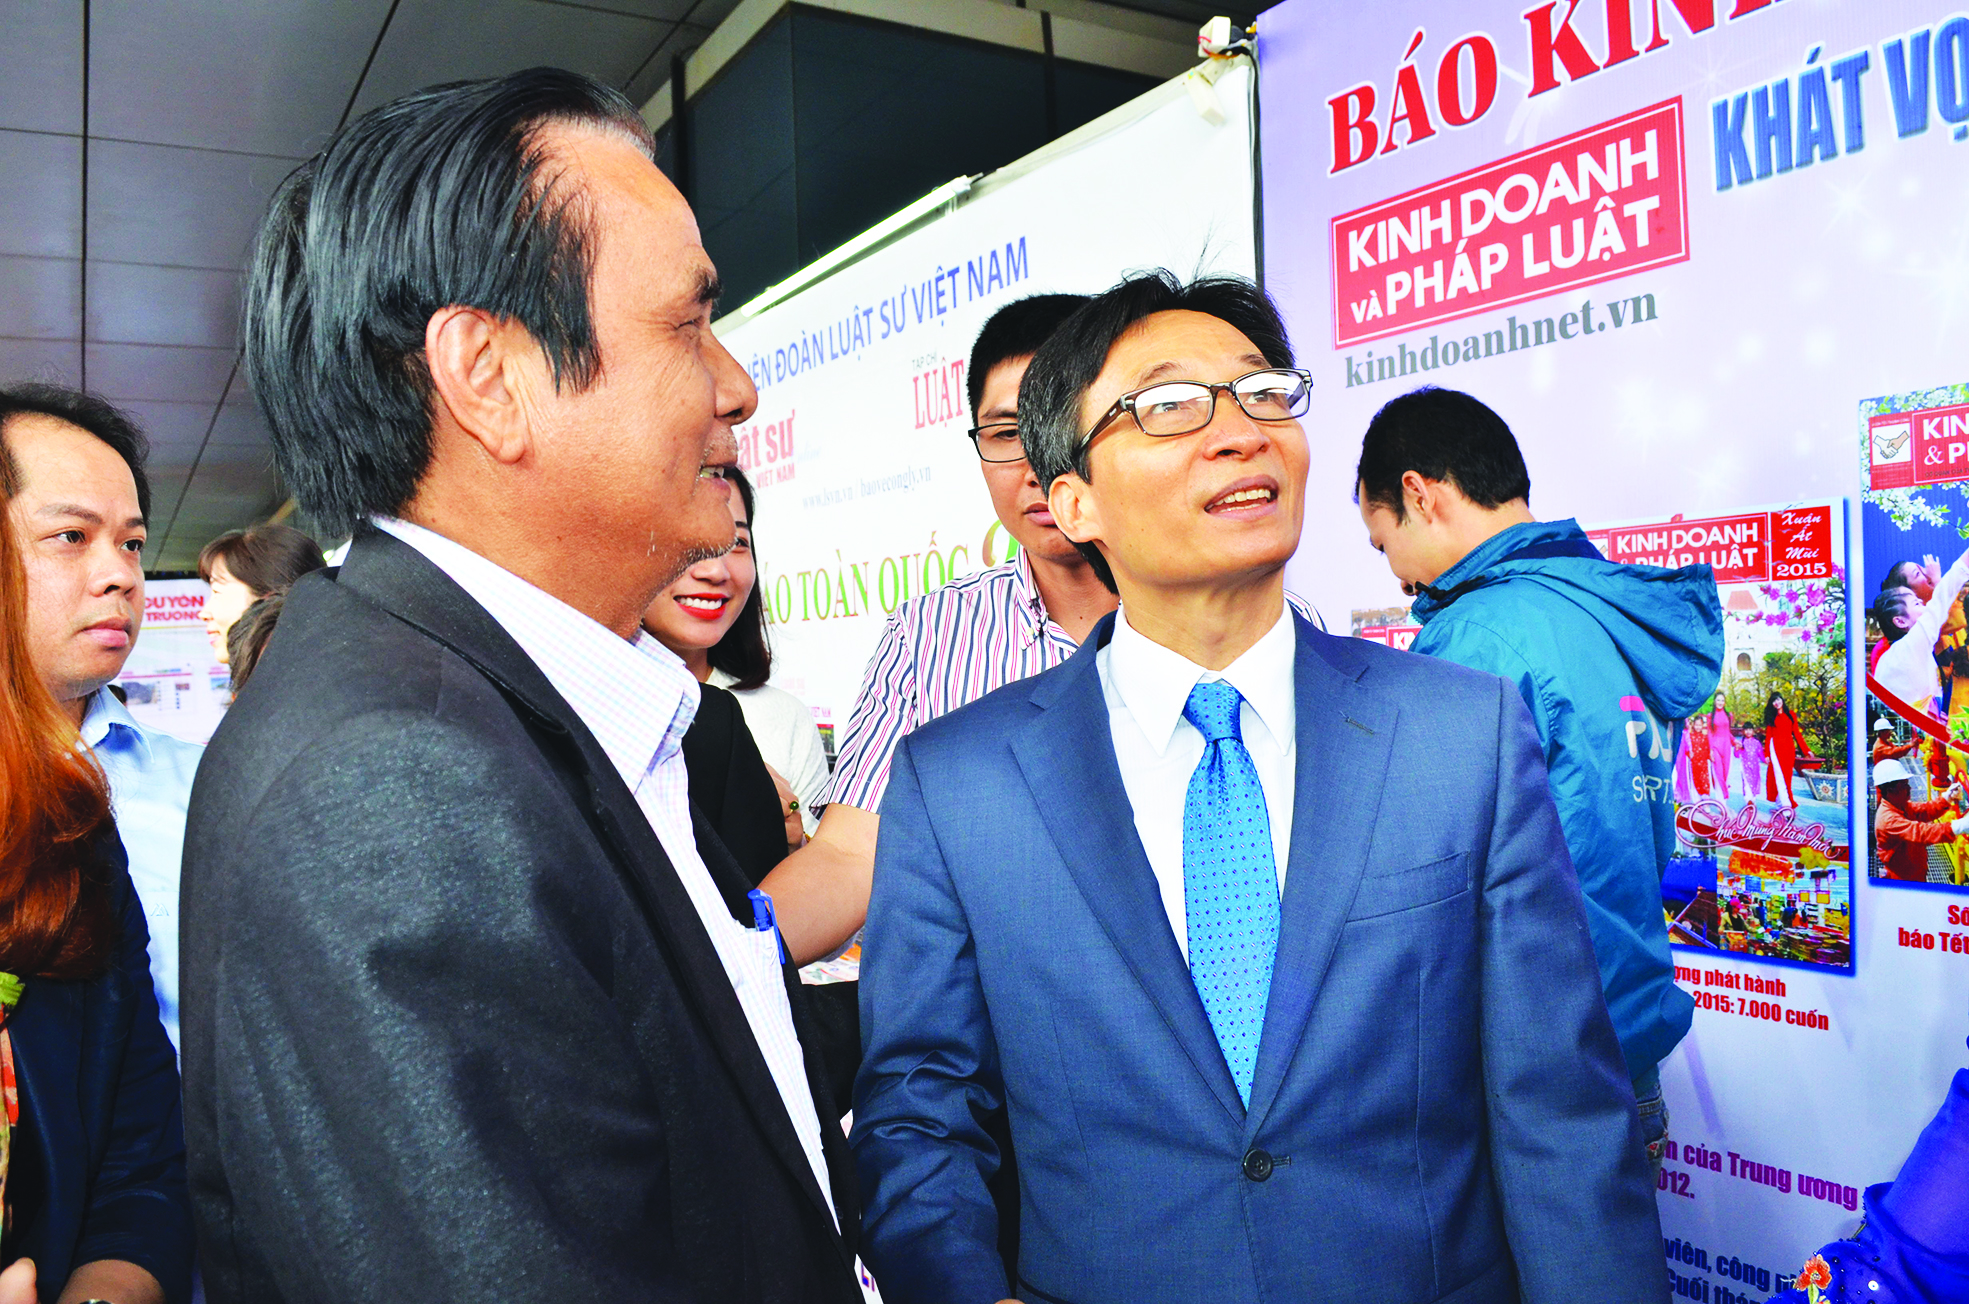 Xuân về tưởng nhớ cố Tổng biên tập Lưu Vinh - Ảnh 2.